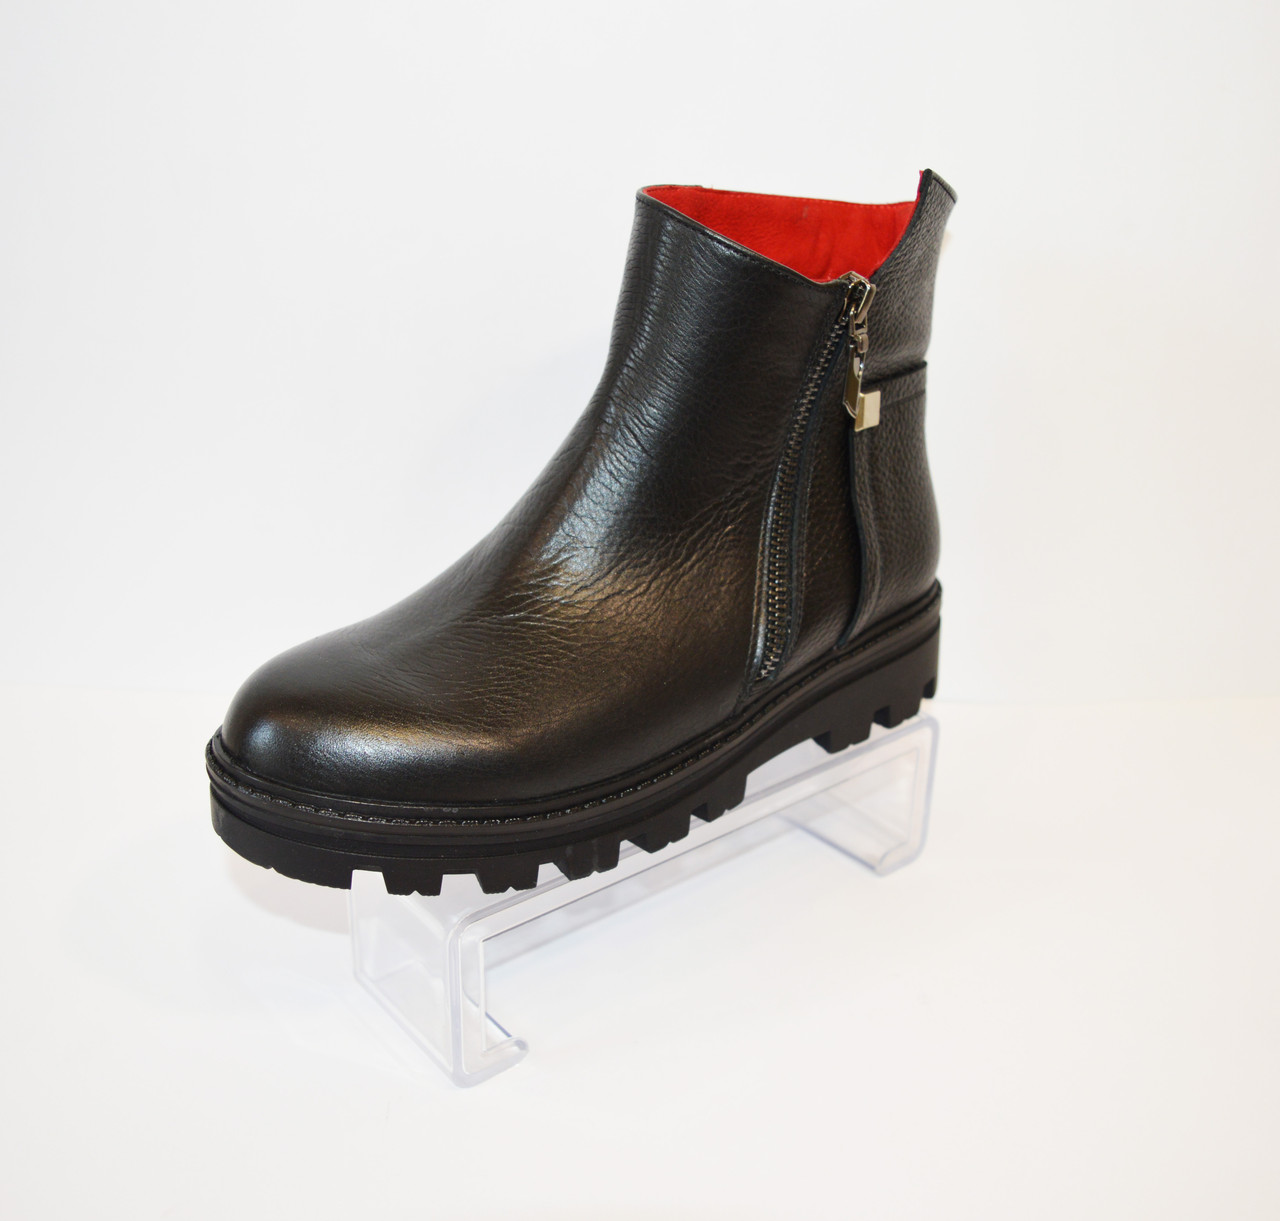 Ботинки кожаные женские El Passo 2241